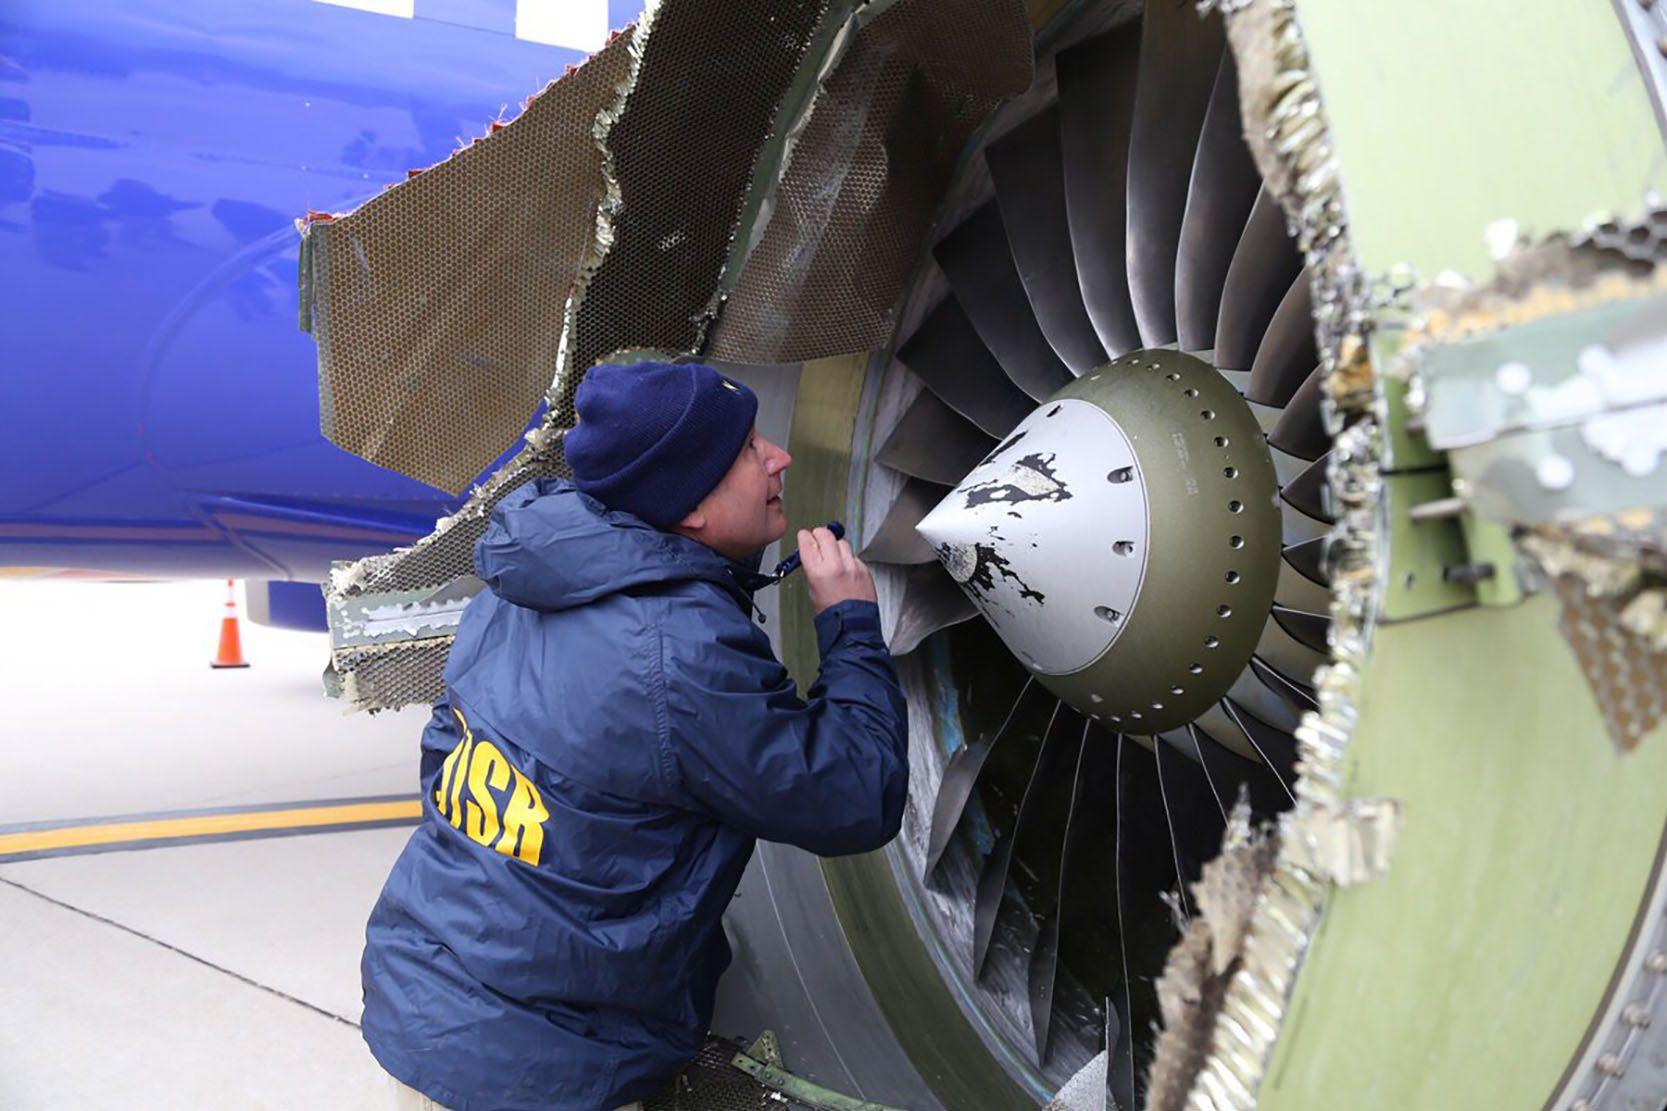 FATAL FEIL: Et Boeing 737-fly måtte nødlande i Philadelphia etter at deler fra motoren løsnet og slo hull på et vindu.